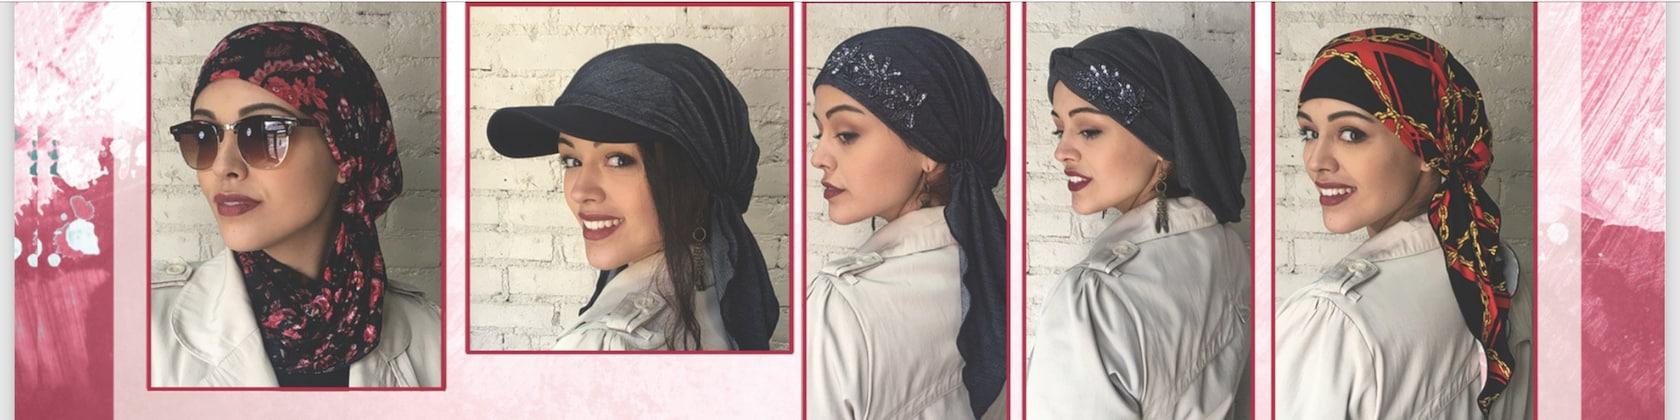 UPTOWN GIRL HEADWEAR NEW YORK by UptownGirlHeadwear on Etsy 92a35d92923d